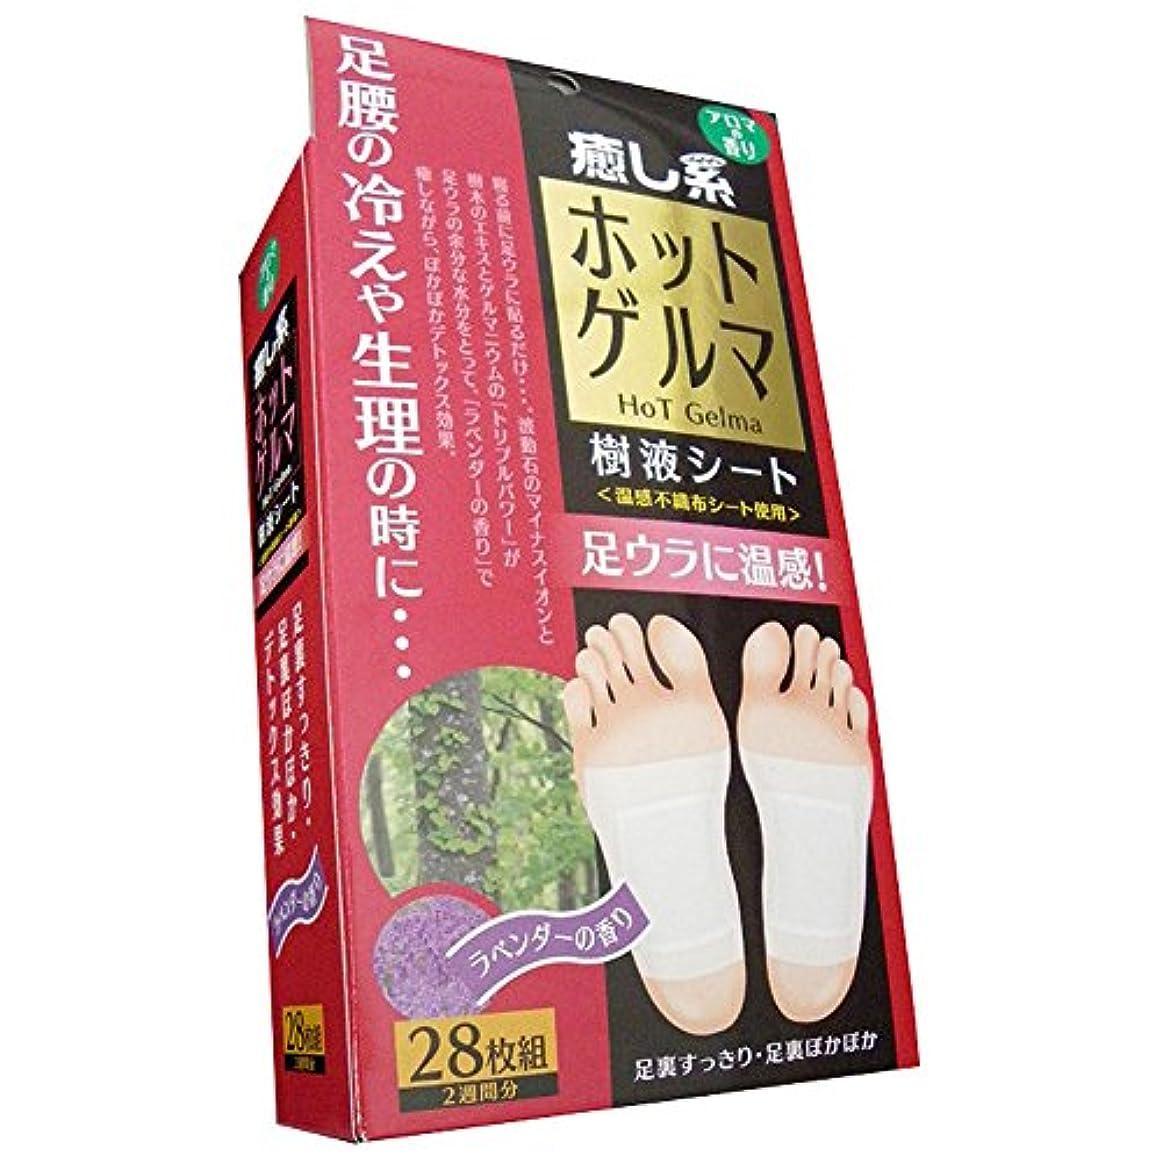 仲介者エレベーター東ティモール日本製 HADARIKI ホットゲルマ樹液シート28枚組 2週間分 ラベンダーの香り 足 裏 樹液 シート フット ケア 足ツボ 健康 まとめ買い